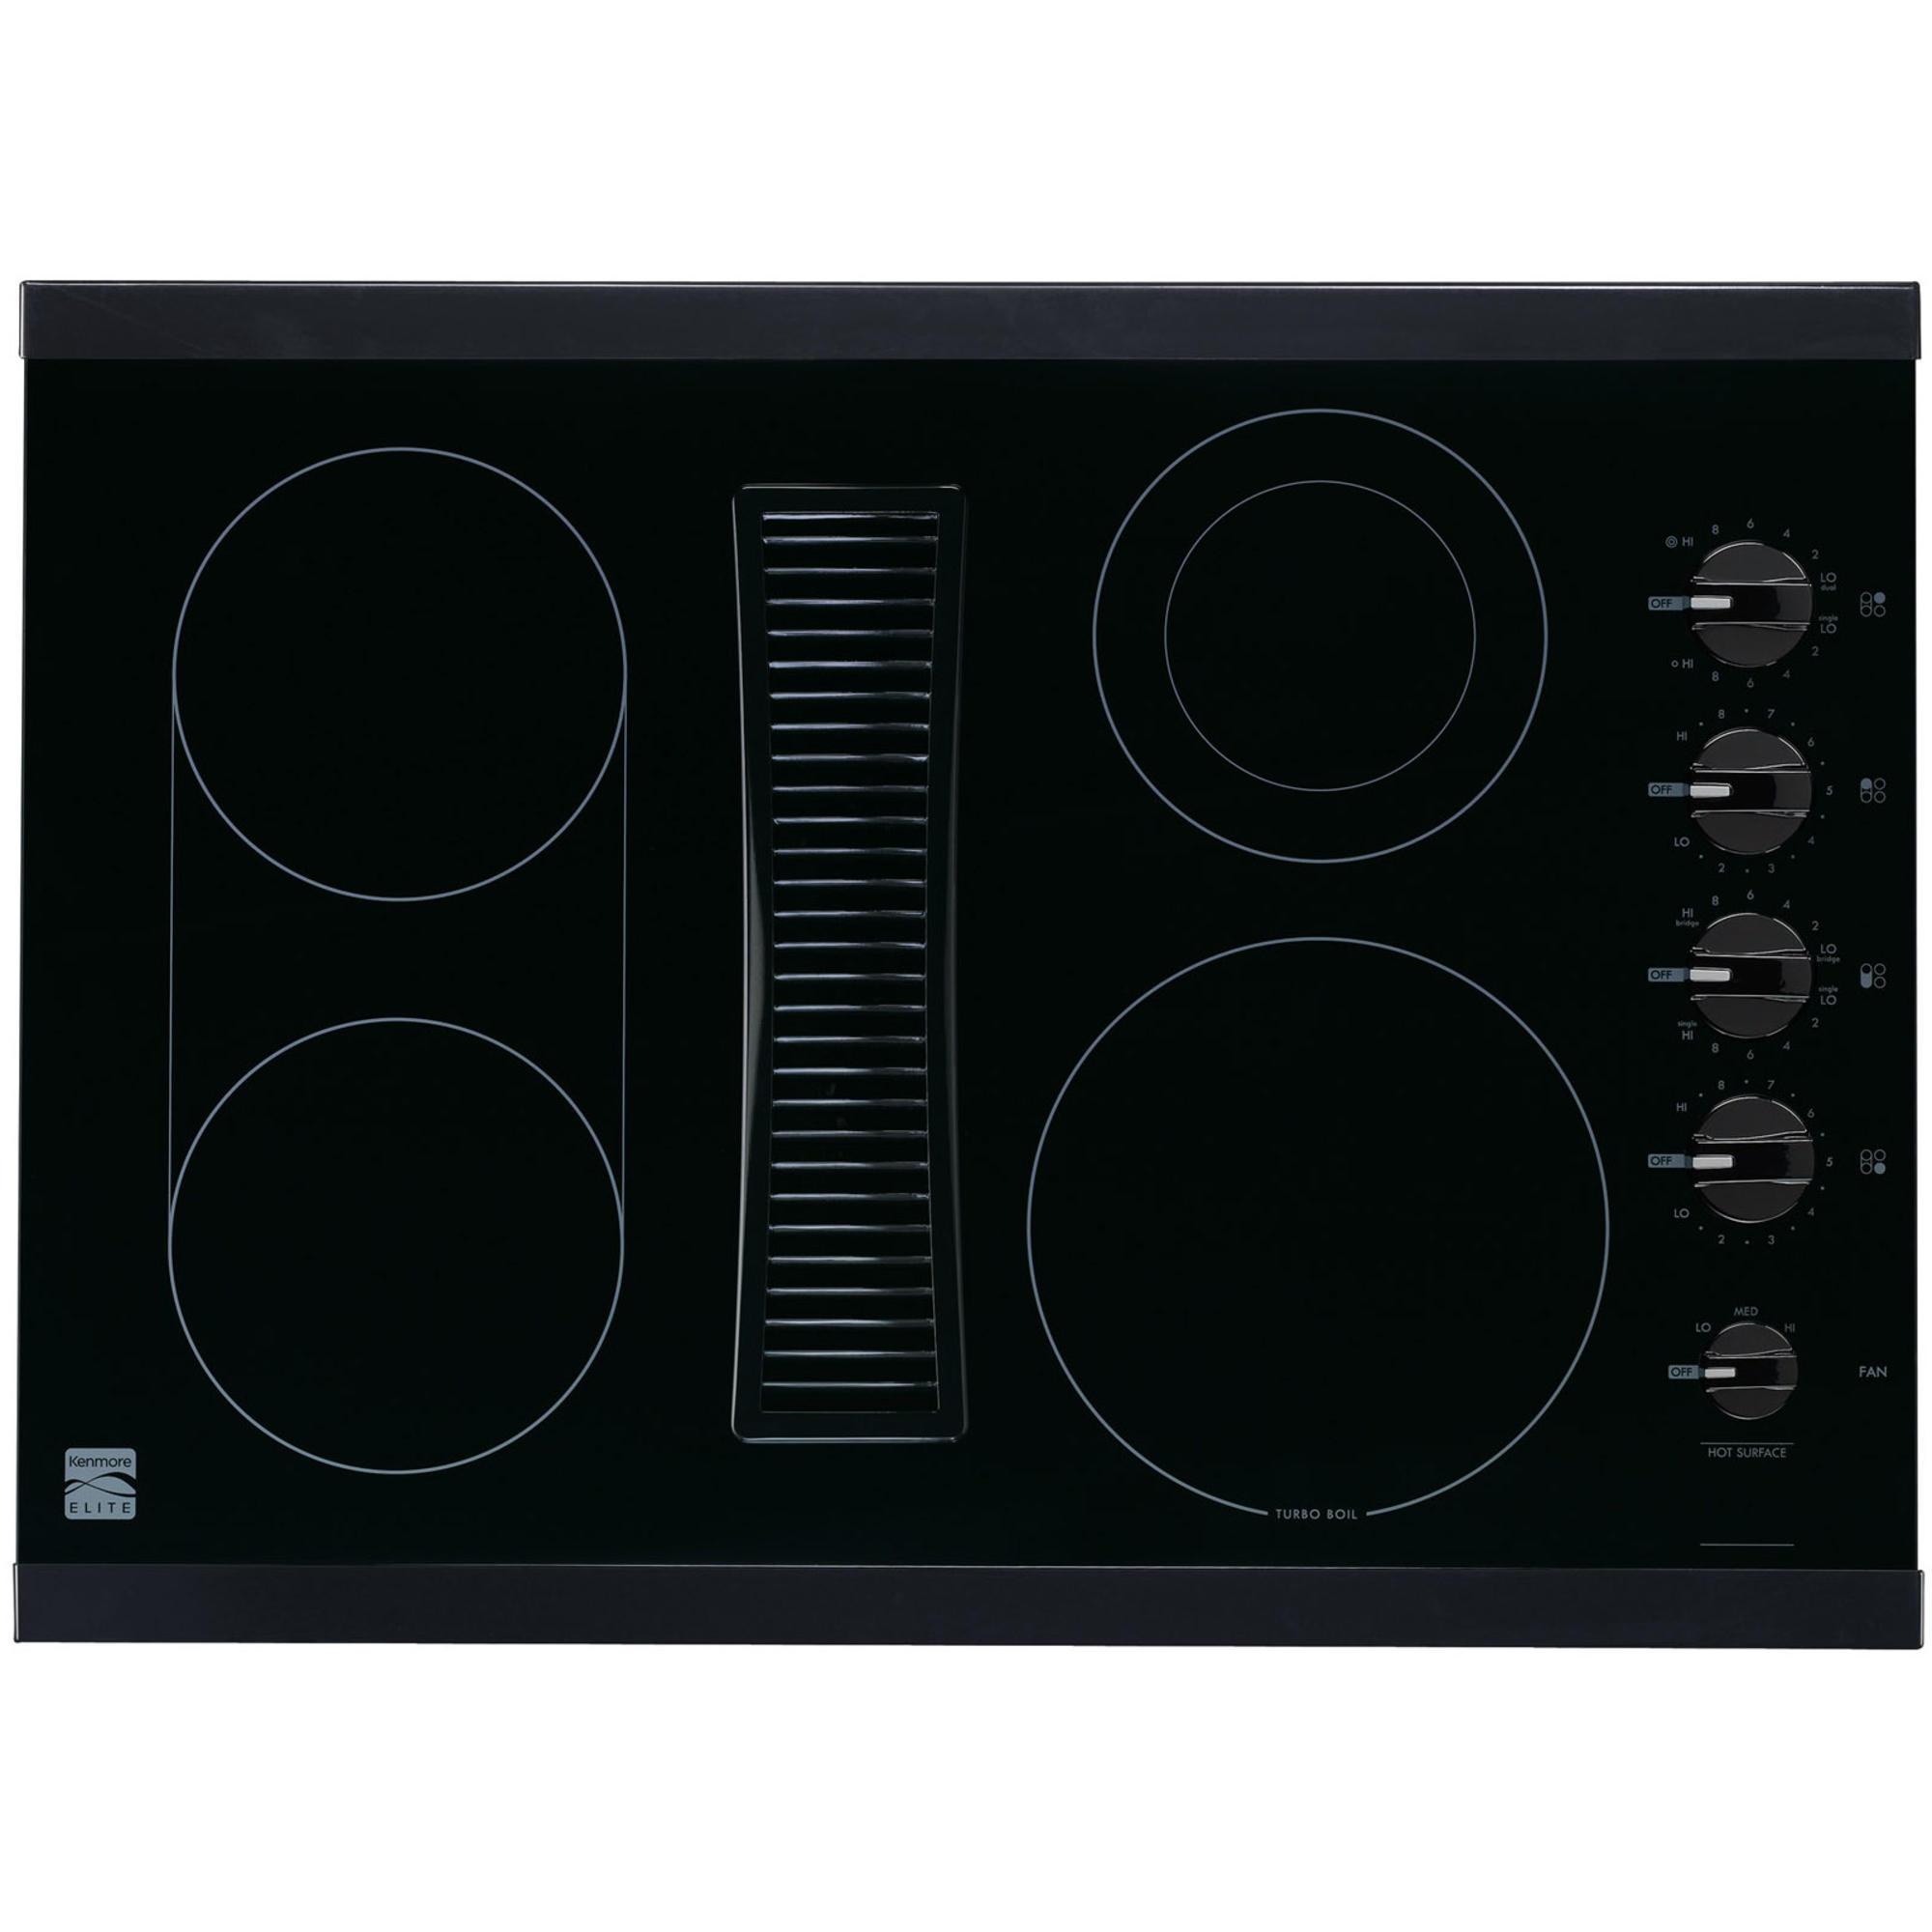 sears kitchen appliances white carts kenmore elite 44119 30